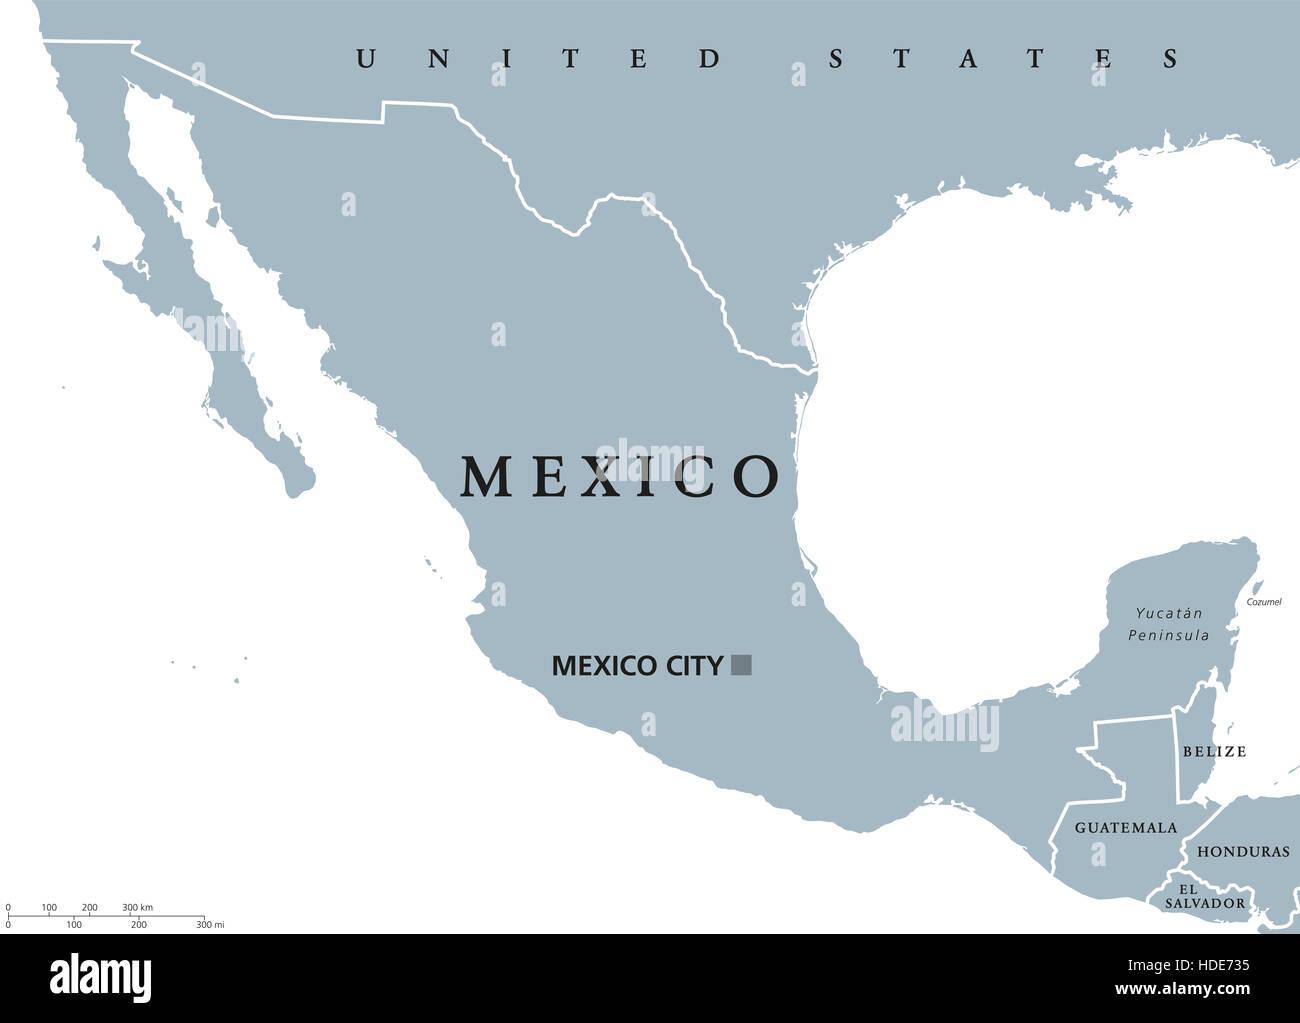 Cartina Geografica Politica Del Messico.Messico Mappa Politico Con Capitale Citta Del Messico E I Confini Nazionali Stati Uniti Del Messico Una Repubblica Federale In Nord America Foto Stock Alamy